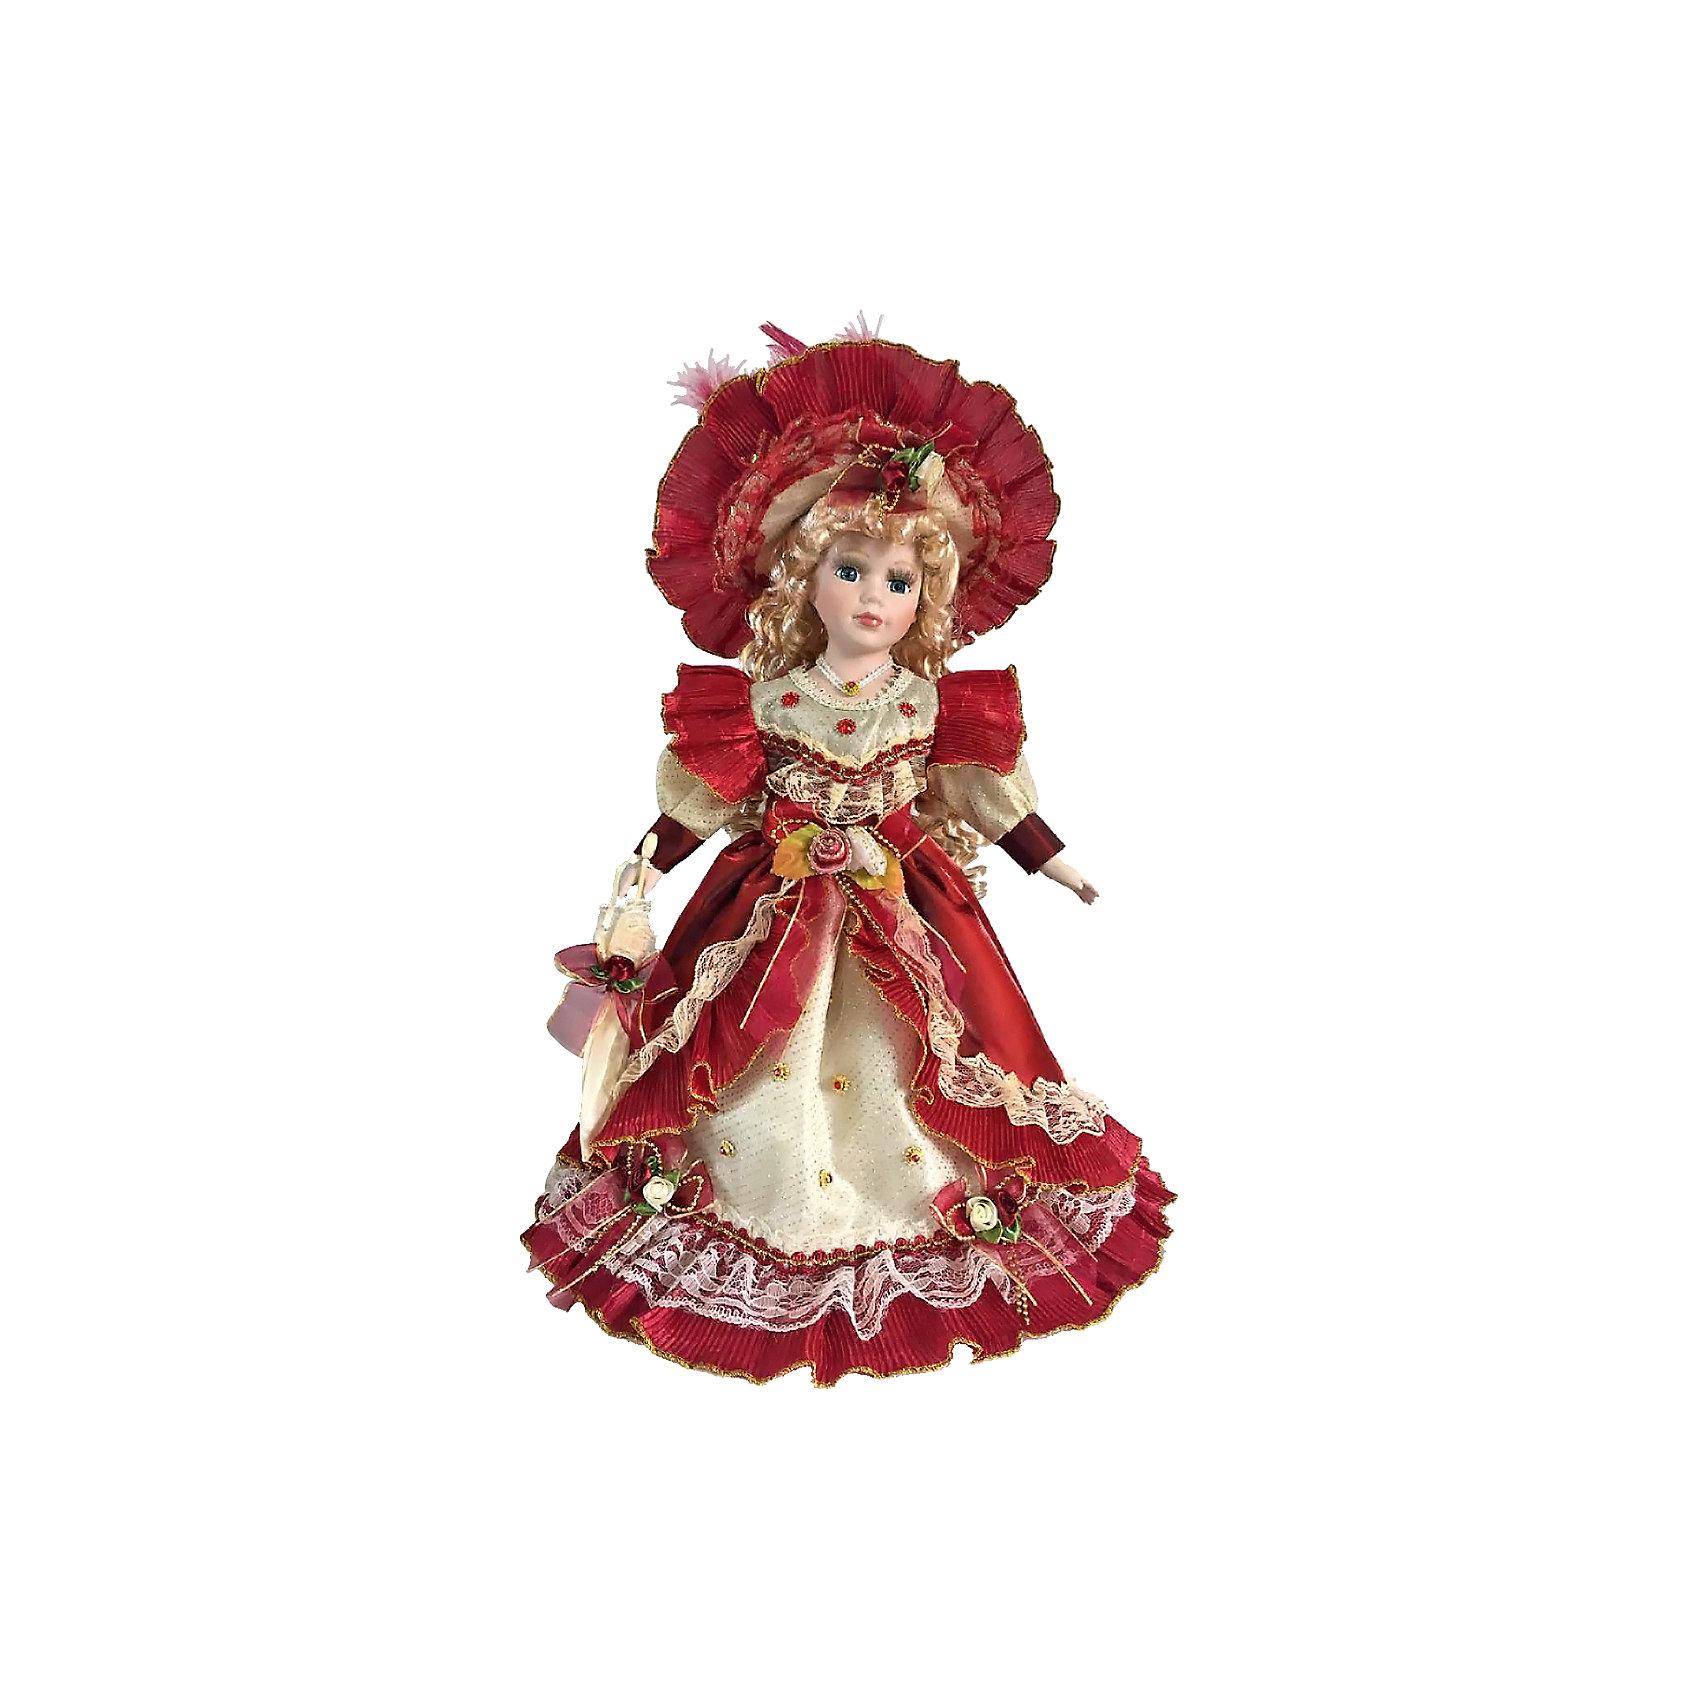 Фарфоровая кукла Лючия, Angel CollectionФарфоровая кукла Лючия, Angel Collection.<br><br>Характеристики:<br><br>• Высота куклы: 40,5 см.<br>• Материал: фарфор, текстиль<br>• Упаковка: картонная коробка блистерного типа<br><br>Фарфоровая кукла «Лючия», Angel Collection изготовлена с большим вниманием к мелким деталям, благодаря этому она очень красива и привлекательна. Внешний образ этой куклы навеян вкусами и взглядами на моду в викторианскую эпоху. Широкая шляпа украшена перьями, а ее поля с внутренней стороны с помощью складок ткани поделены на декоративные сегменты. Пышное платье представляет собой двухслойную структуру, добавляющую ему роскоши и изысканности. Наряд имеет длинные рукава с намеренно выраженными плечами, и широкий подол, украшенный кружевной лентой. Великолепное сочетание светло-золотого и винного цветов создают величественный и аристократичный образ. У Лючии большие глаза в обрамлении длинных ресничек и ангельское кукольное личико. Кукла установлена на специальную подставку. <br><br>Фарфоровая красавица Лючия - это не просто игрушка, а также украшение для интерьера или ценный экспонат коллекции. Каждая кукла в серии Angel Collection, обладает неповторимым образом - принцессы, феи, маленькие девочки, роскошные невесты и т.д. Изысканные наряды и очаровательная матовость фарфора превращают этих кукол в настоящее произведение искусства. Куклы Angel Collection сделаны из уникальной голубой глины, добываемой только в провинции Tai-Nan Shin, Тайвань.<br><br>Фарфоровую куклу Лючия, Angel Collection можно купить в нашем интернет-магазине.<br><br>Ширина мм: 190<br>Глубина мм: 430<br>Высота мм: 100<br>Вес г: 938<br>Возраст от месяцев: 36<br>Возраст до месяцев: 2147483647<br>Пол: Женский<br>Возраст: Детский<br>SKU: 5400282